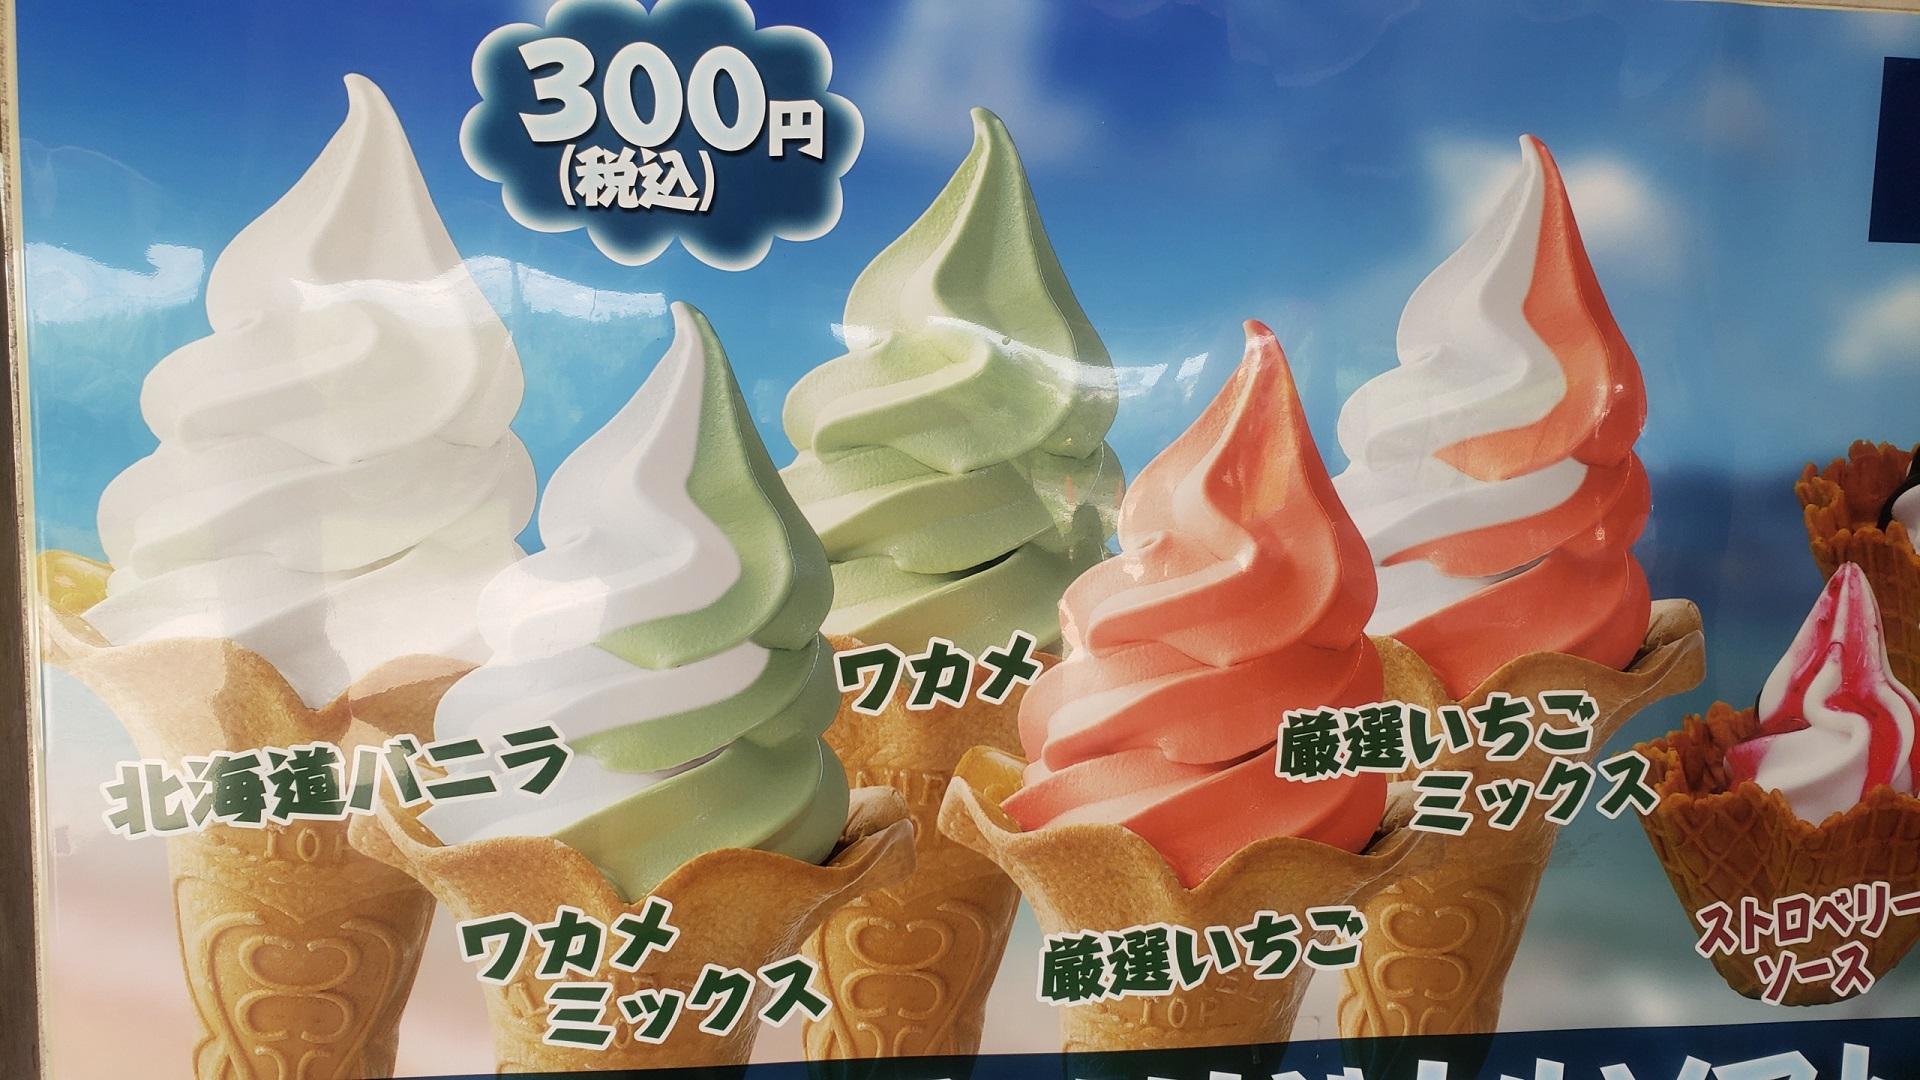 ワカメソフトクリーム